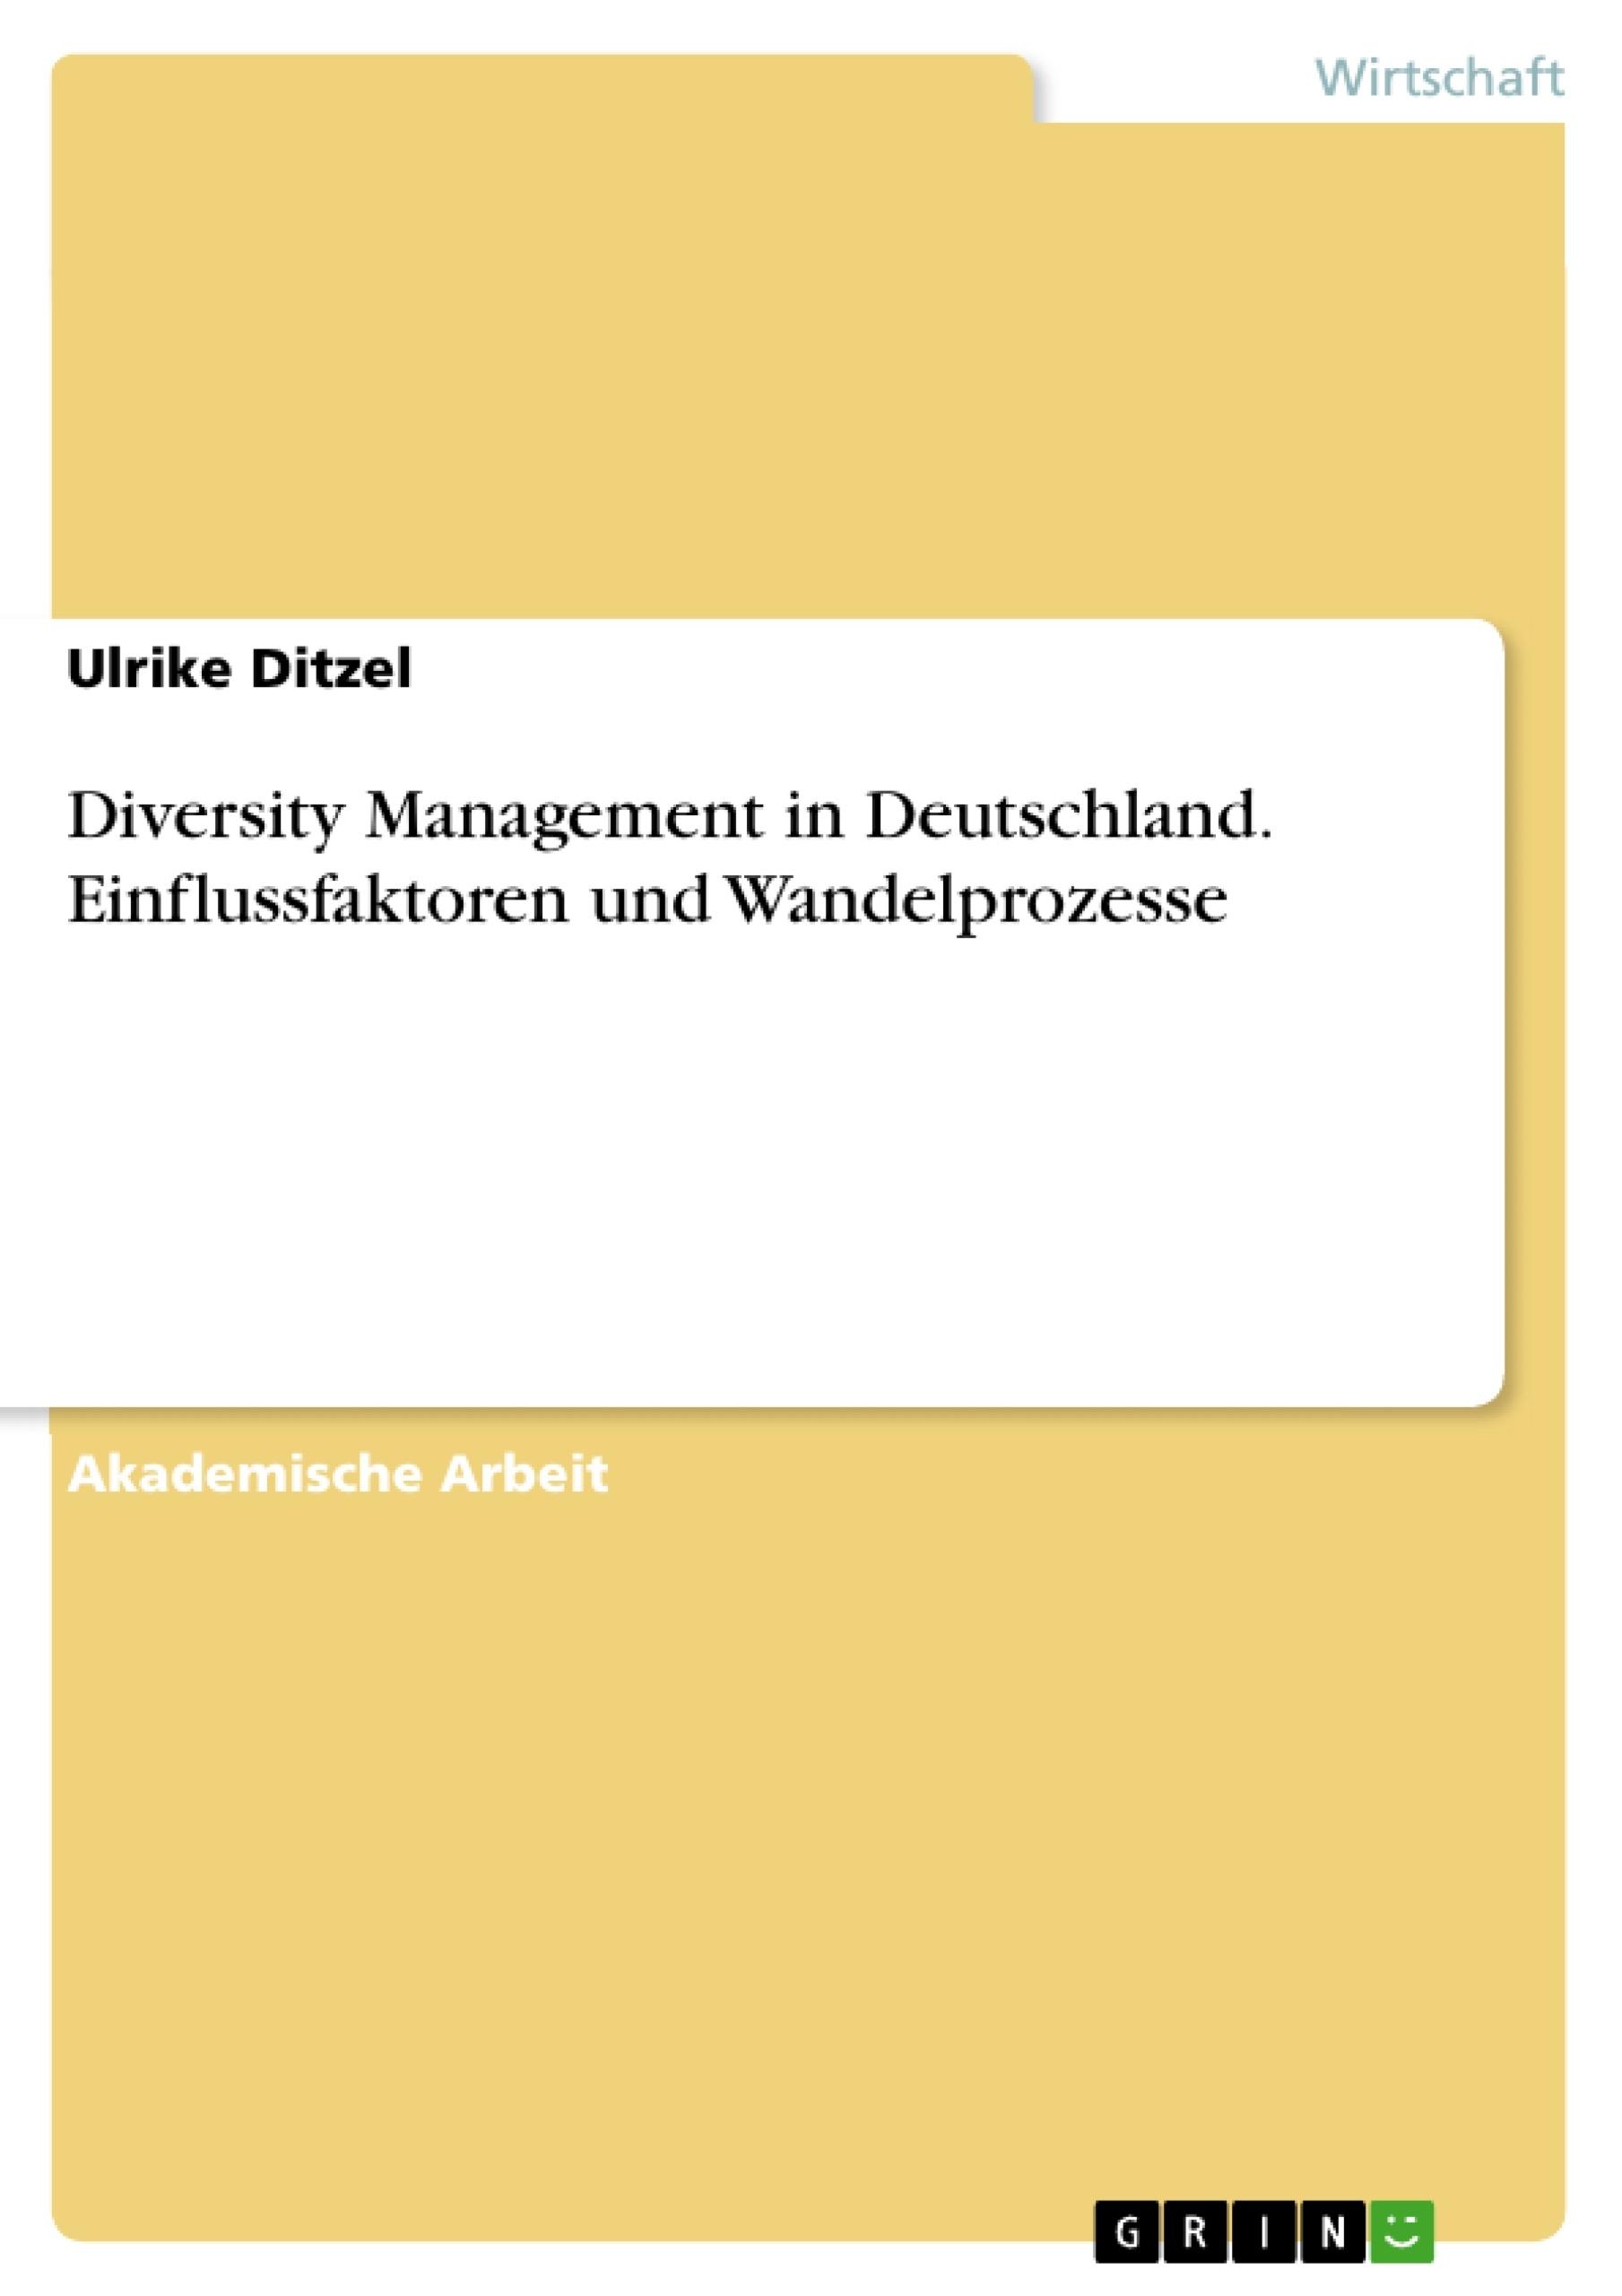 Titel: Diversity Management in Deutschland. Einflussfaktoren und Wandelprozesse